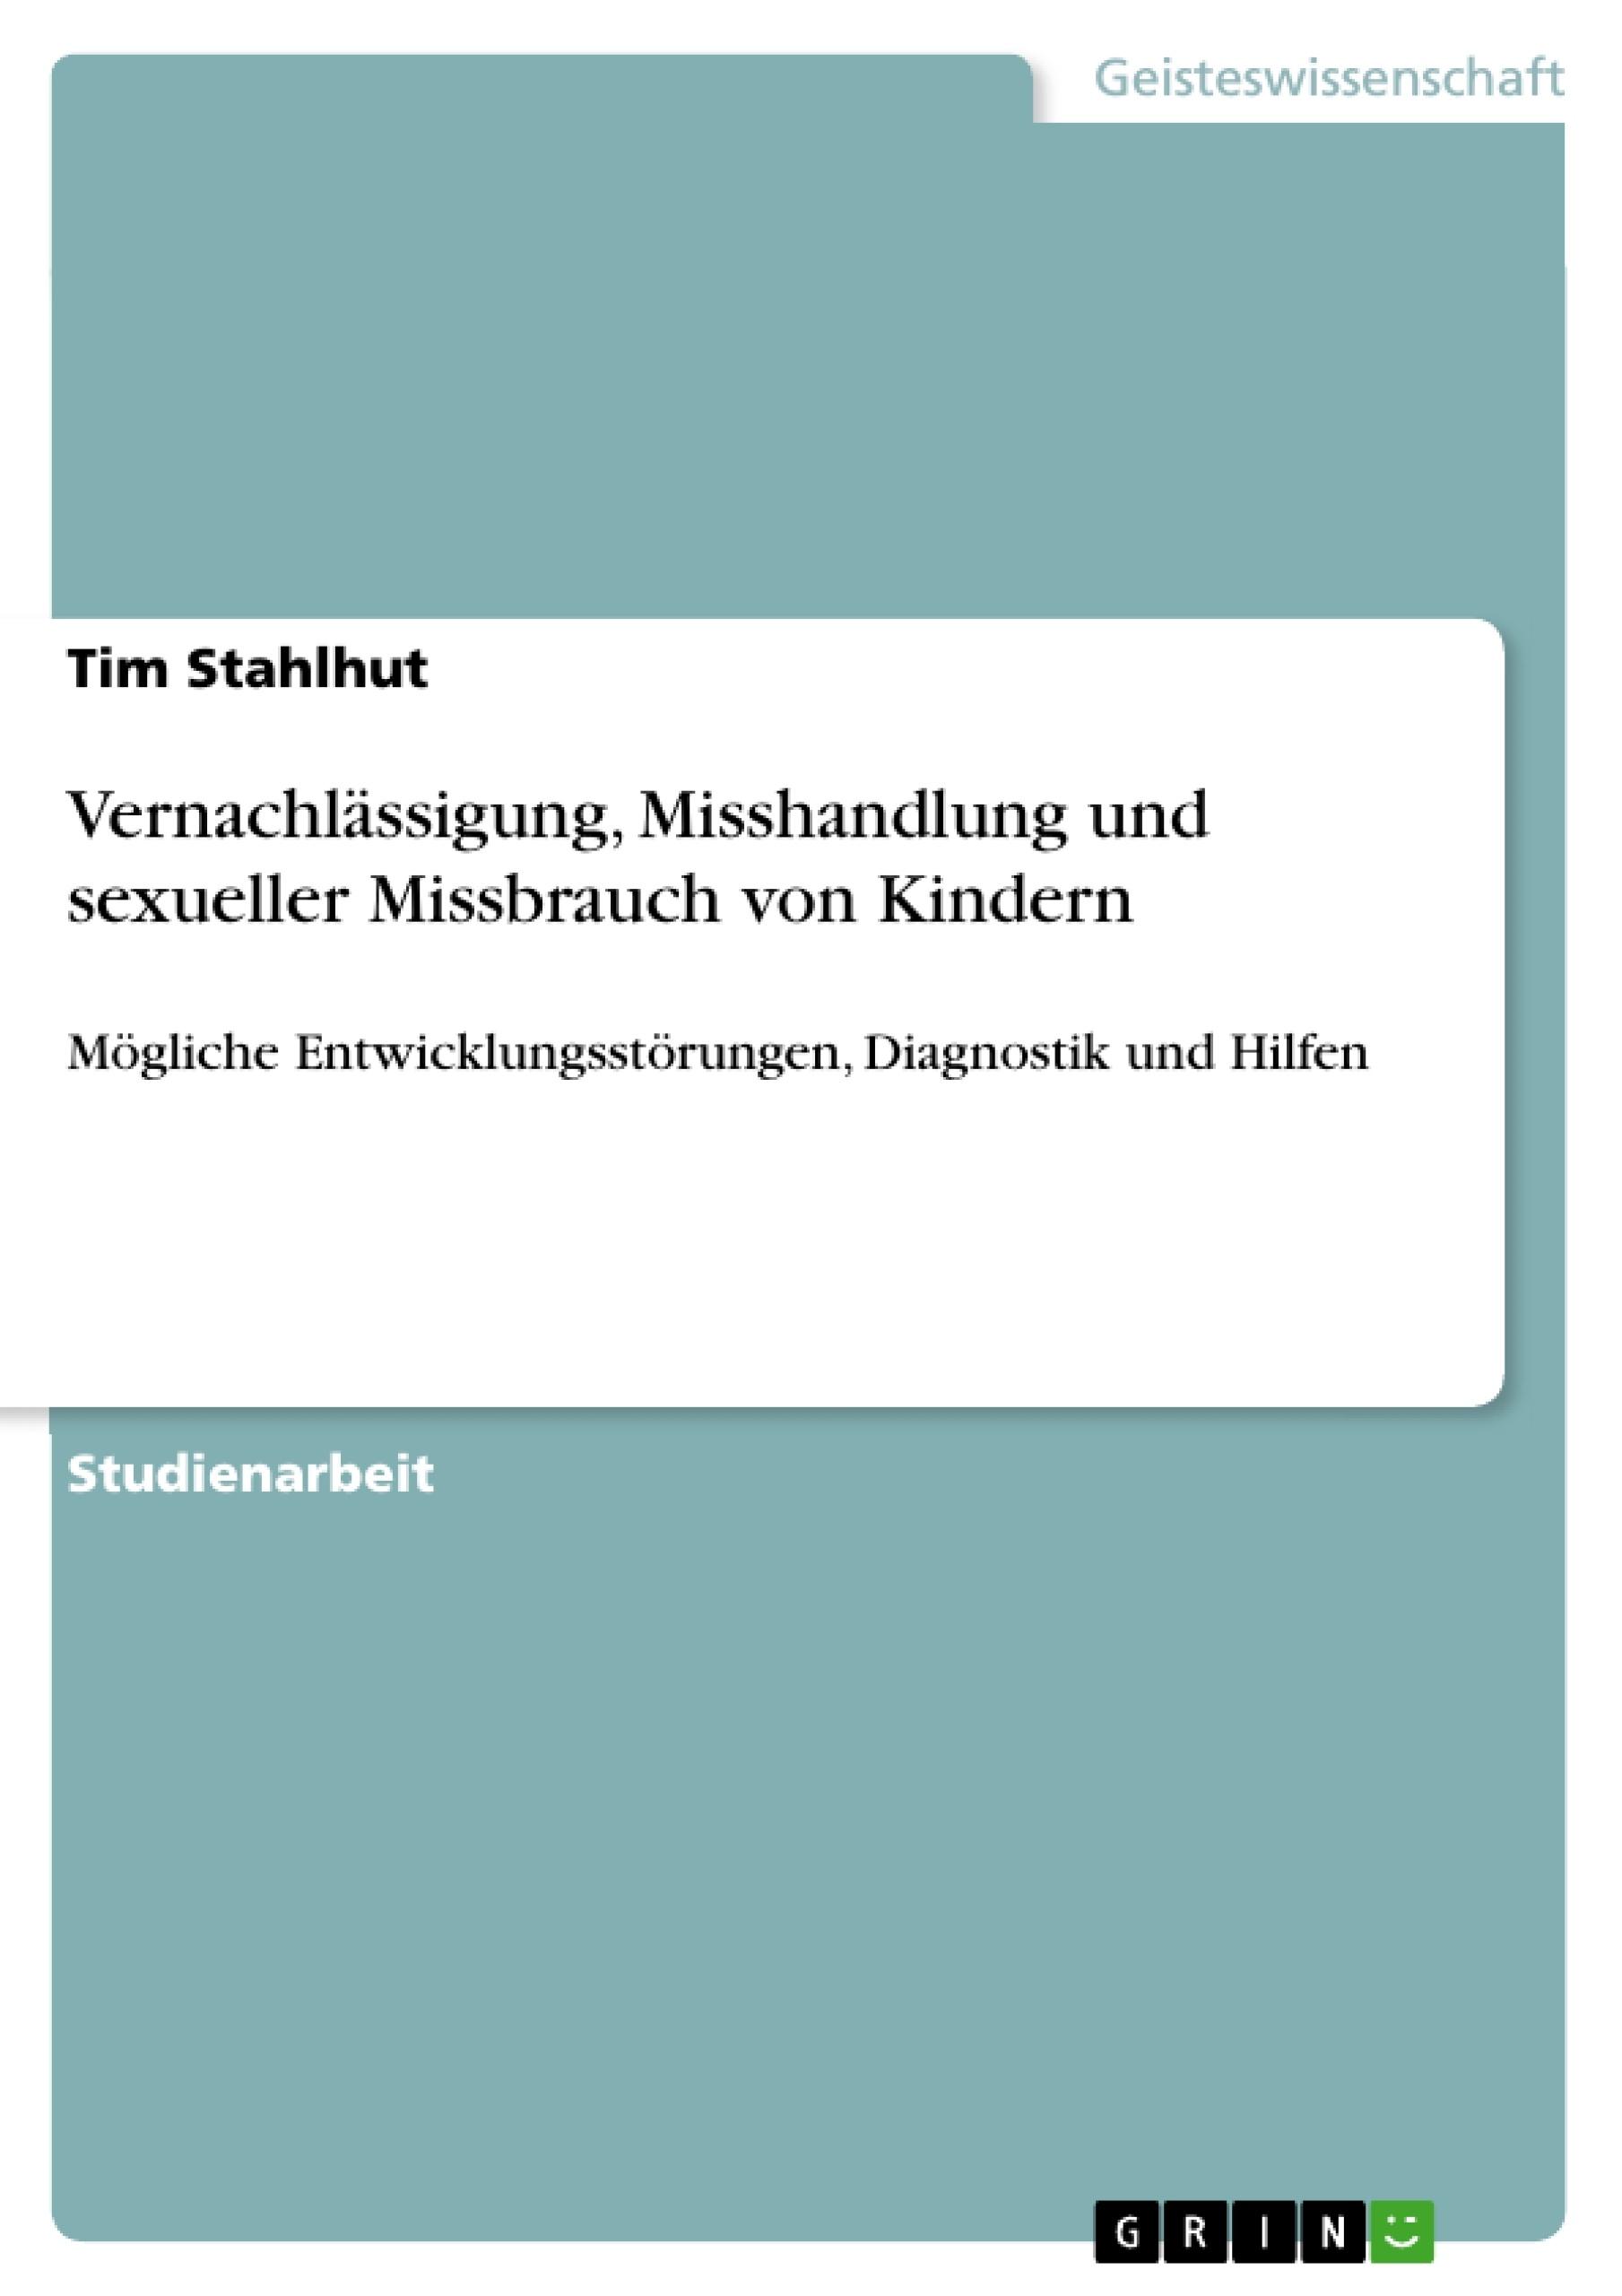 Titel: Vernachlässigung, Misshandlung und sexueller Missbrauch von Kindern